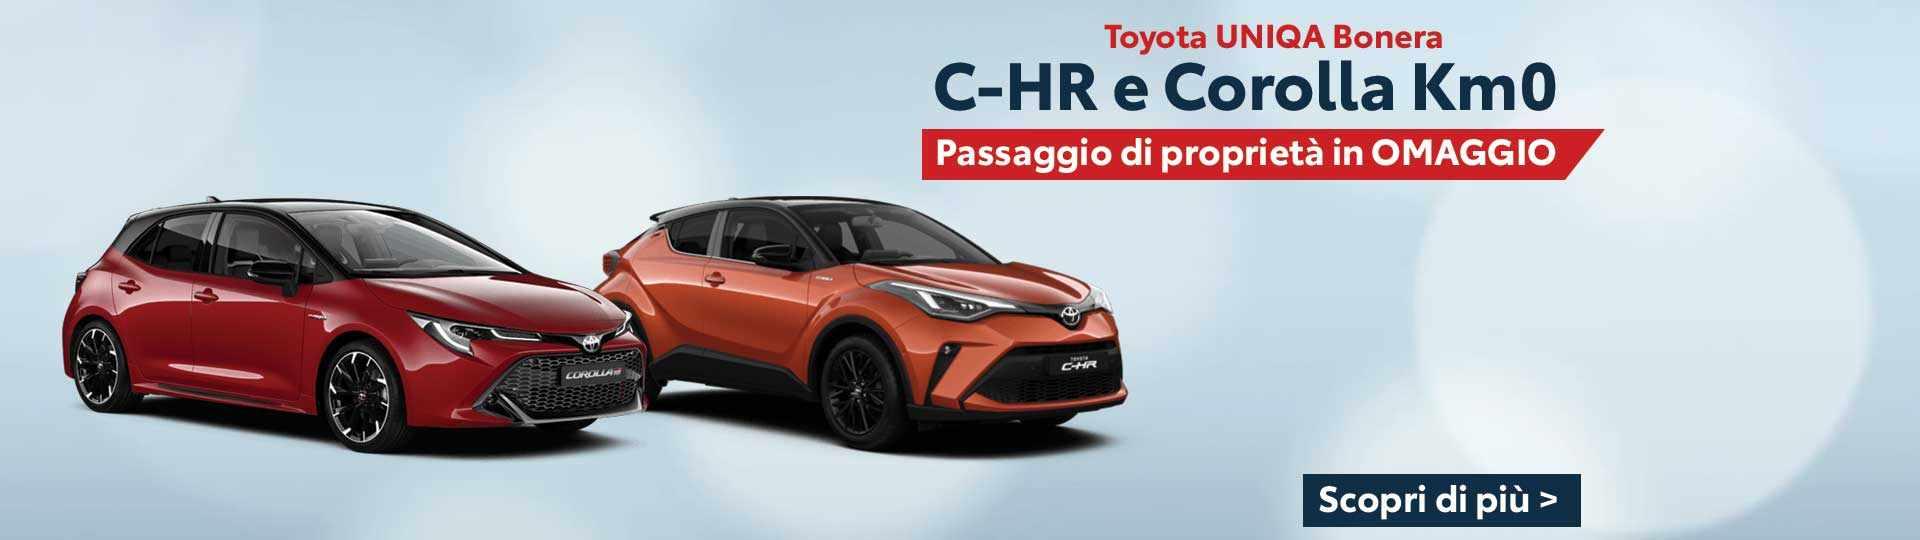 header_toyota_chr_corolla_passaggio_omaggio_settembre_2020.jpg